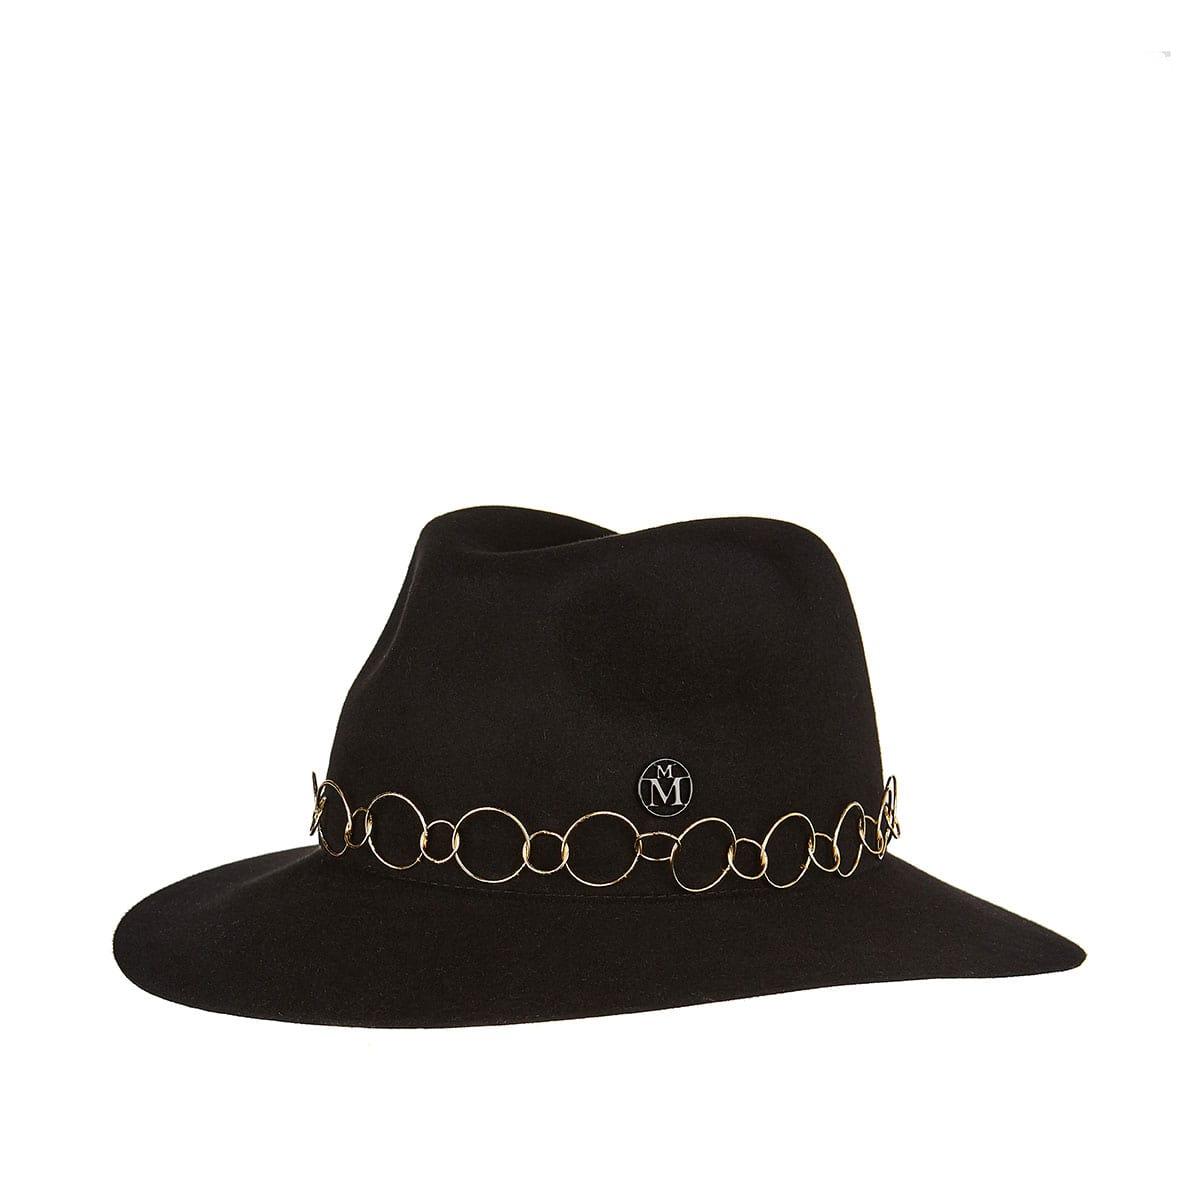 Henrietta chain-embellished felt hat